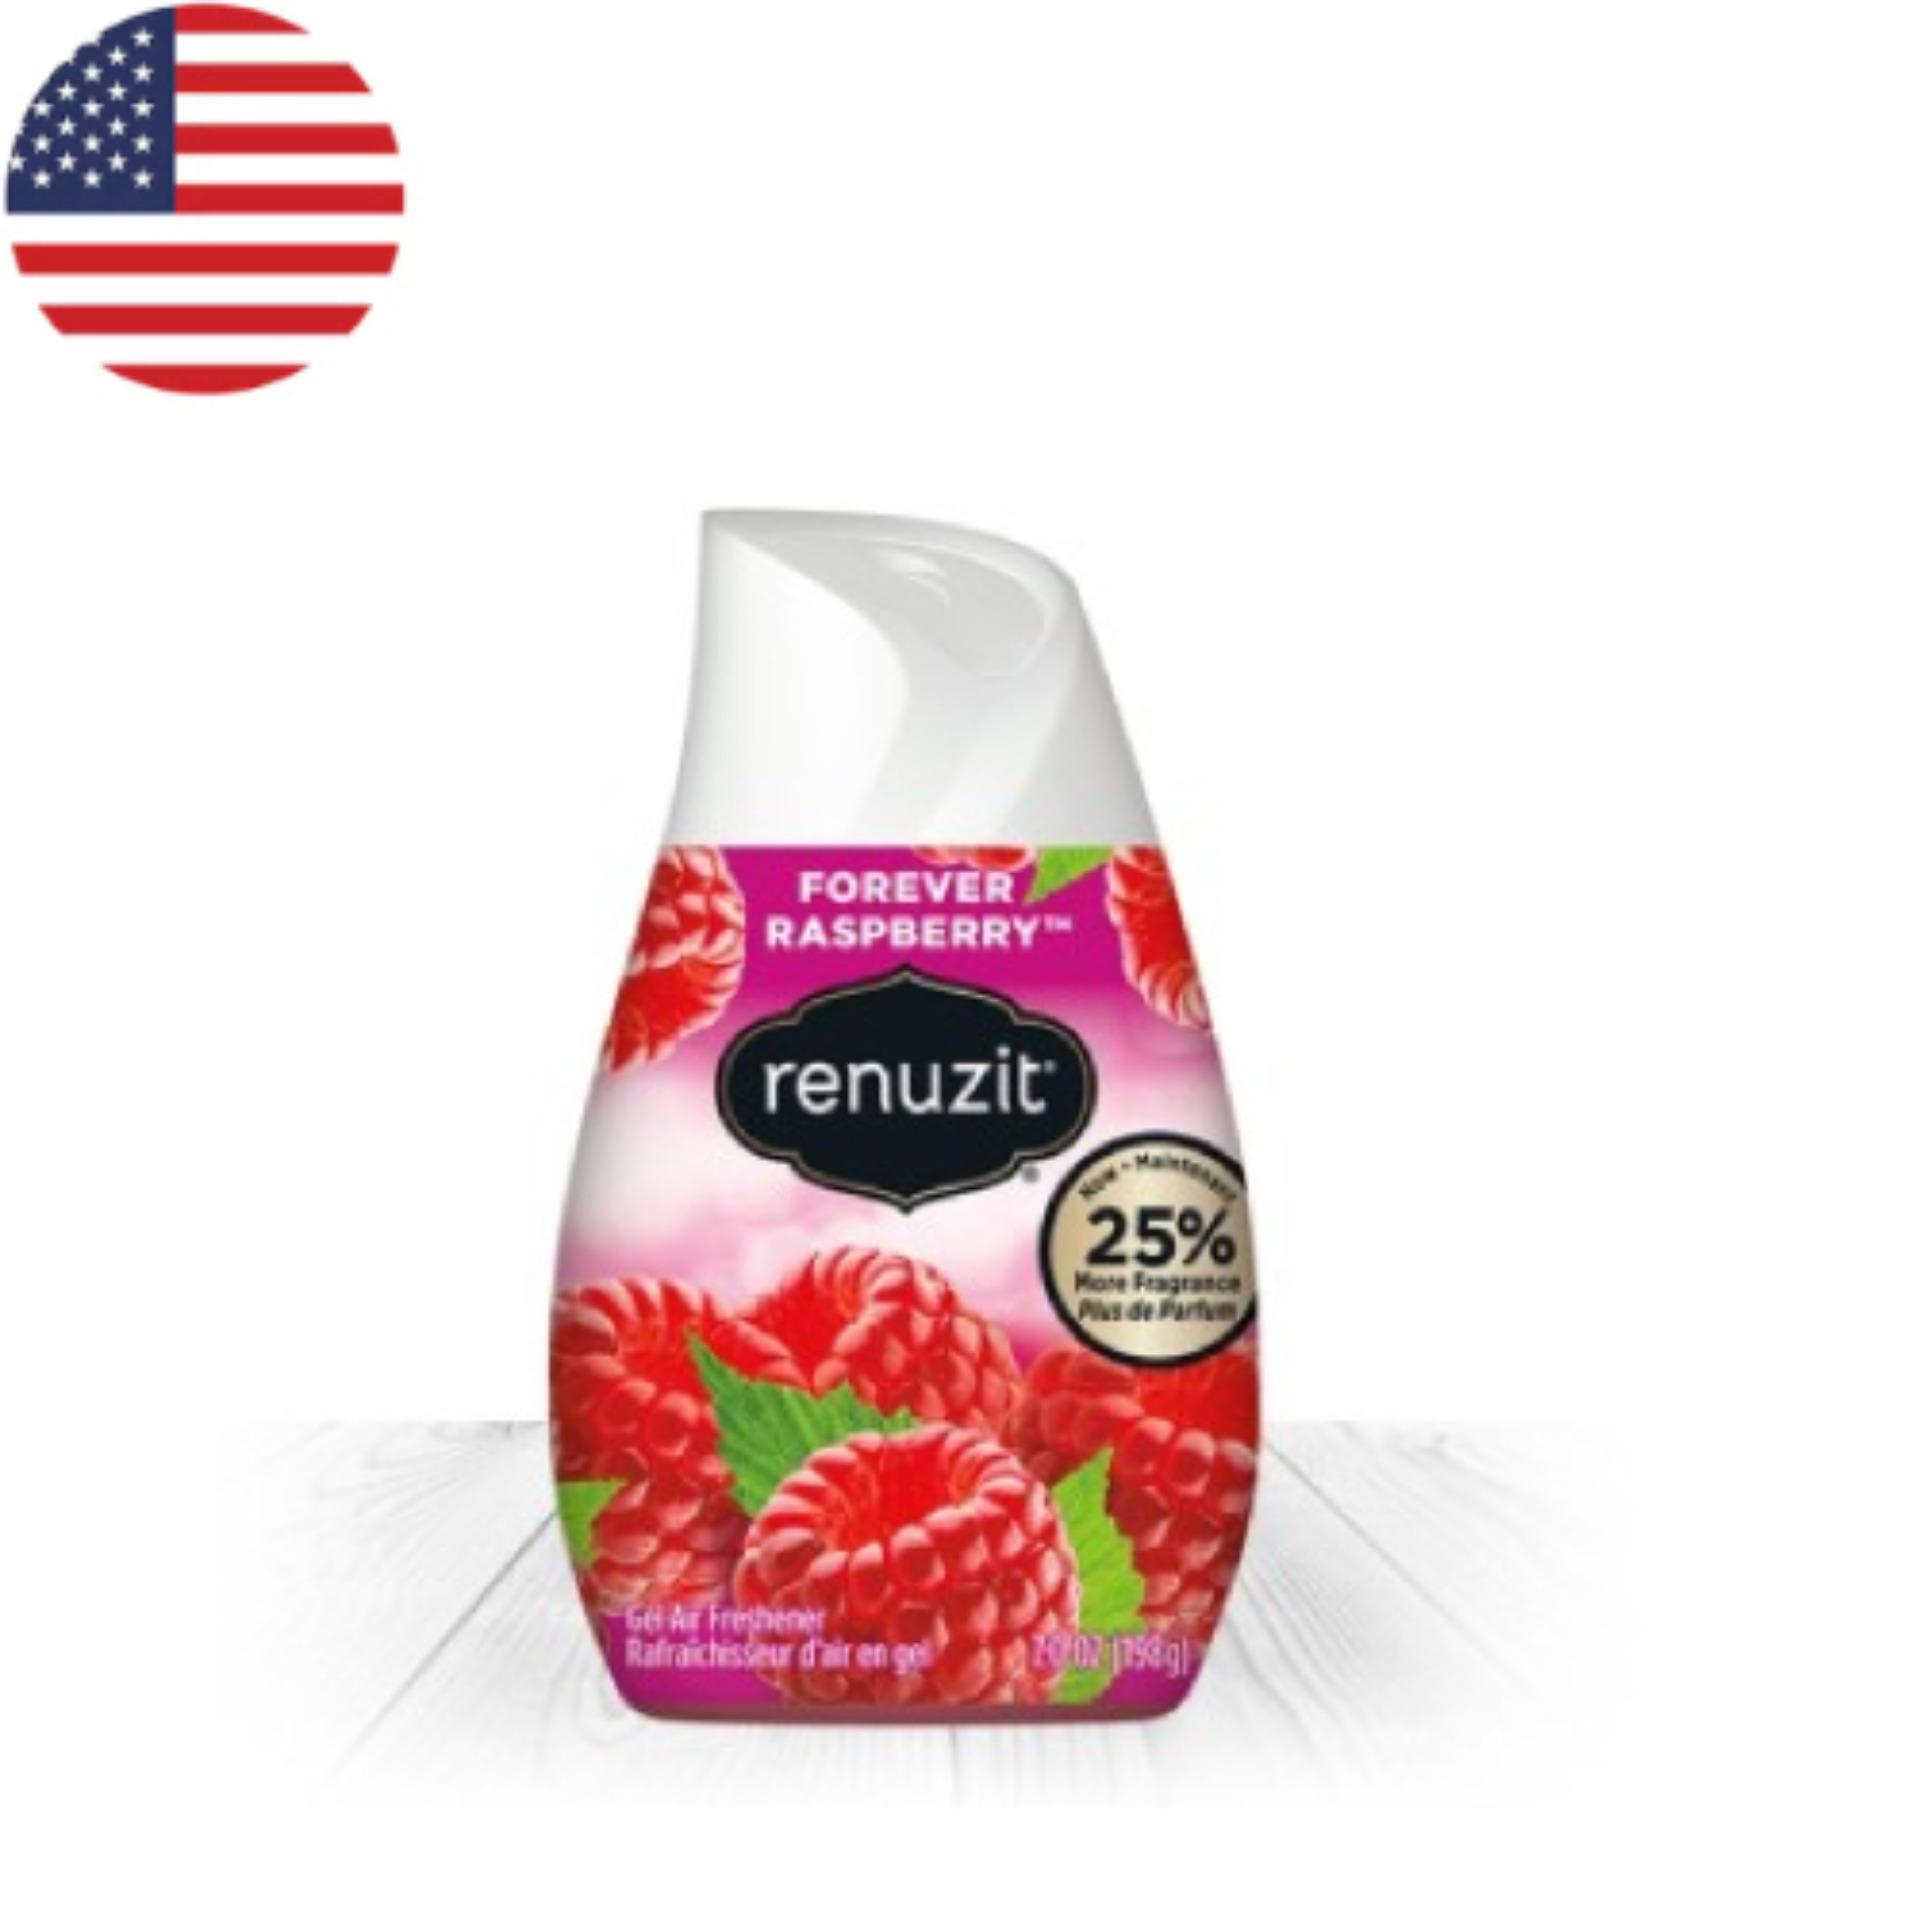 Sáp thơm phòng  Renuzit Forever Raspberry 198g - Nhập khẩu Mỹ